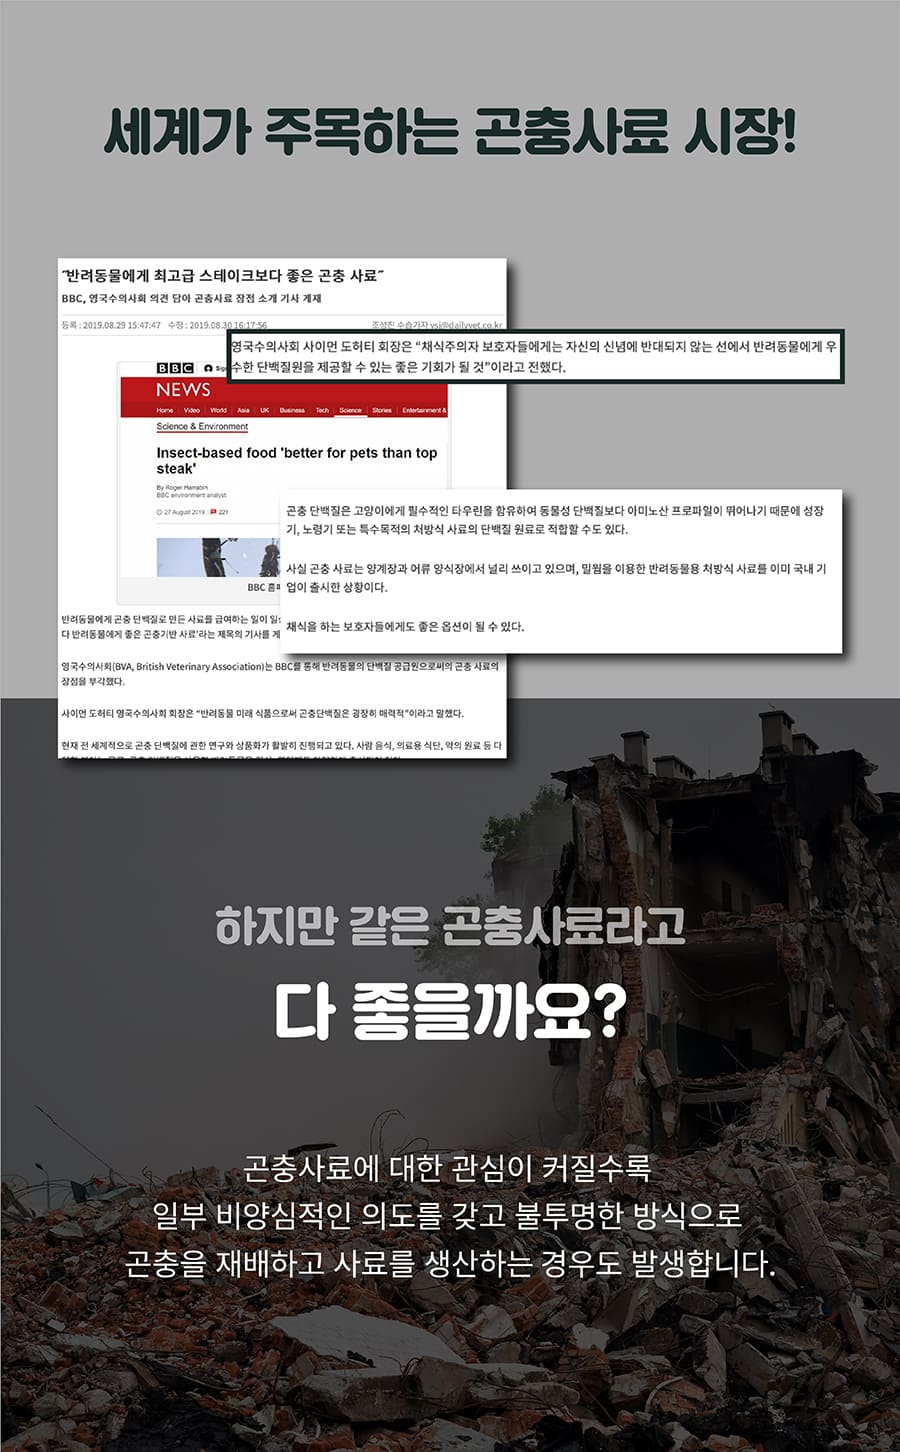 [EVENT] 인섹트업 하이포알러지 사료 (1.2kg)-상품이미지-2